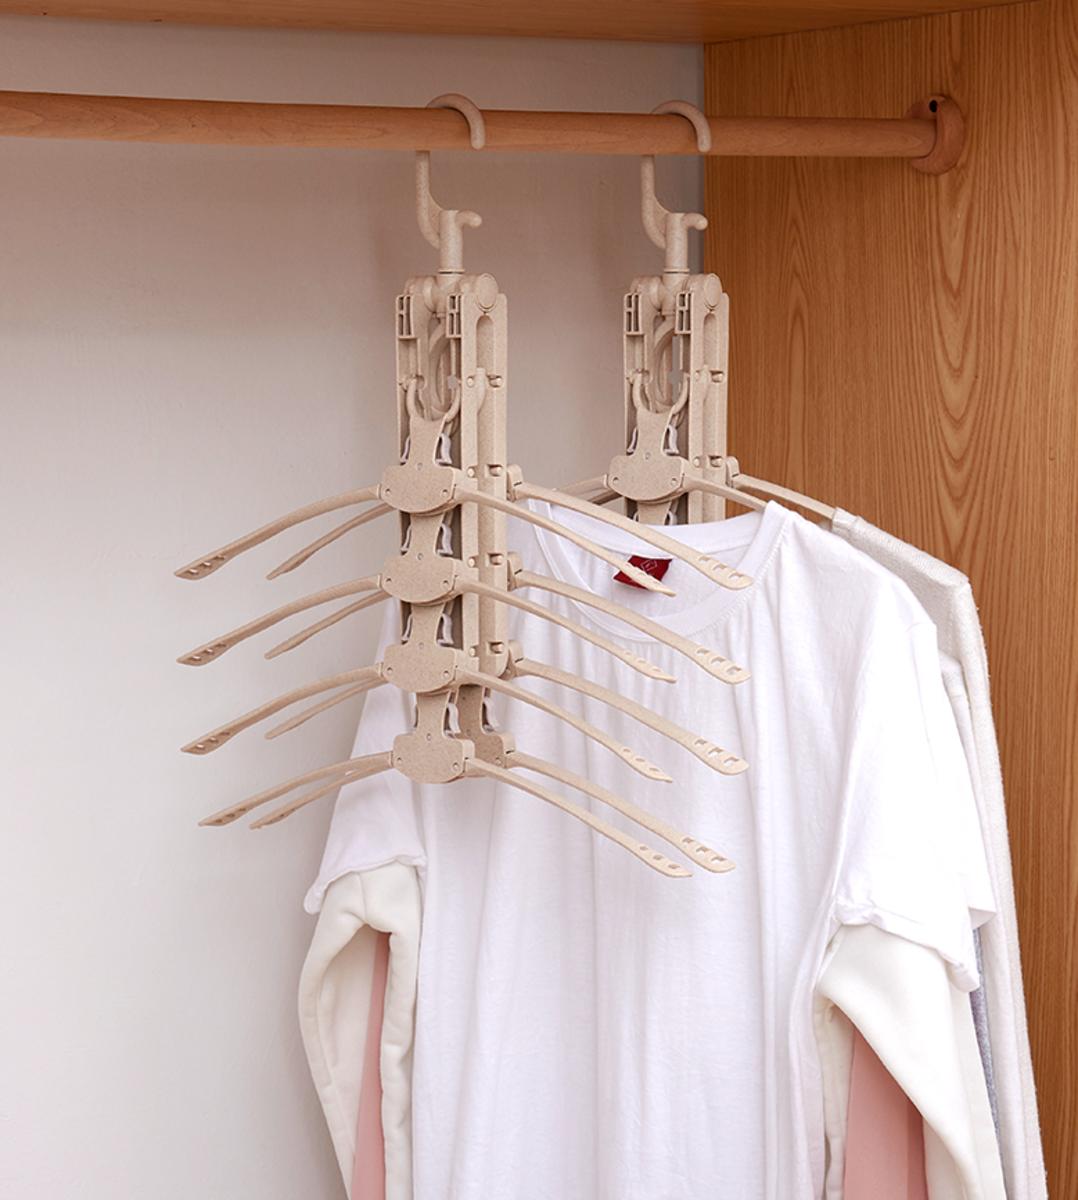 【八件變一件】- 8合1 可摺收納掛衣架 - 馬上騰出衣櫃空間